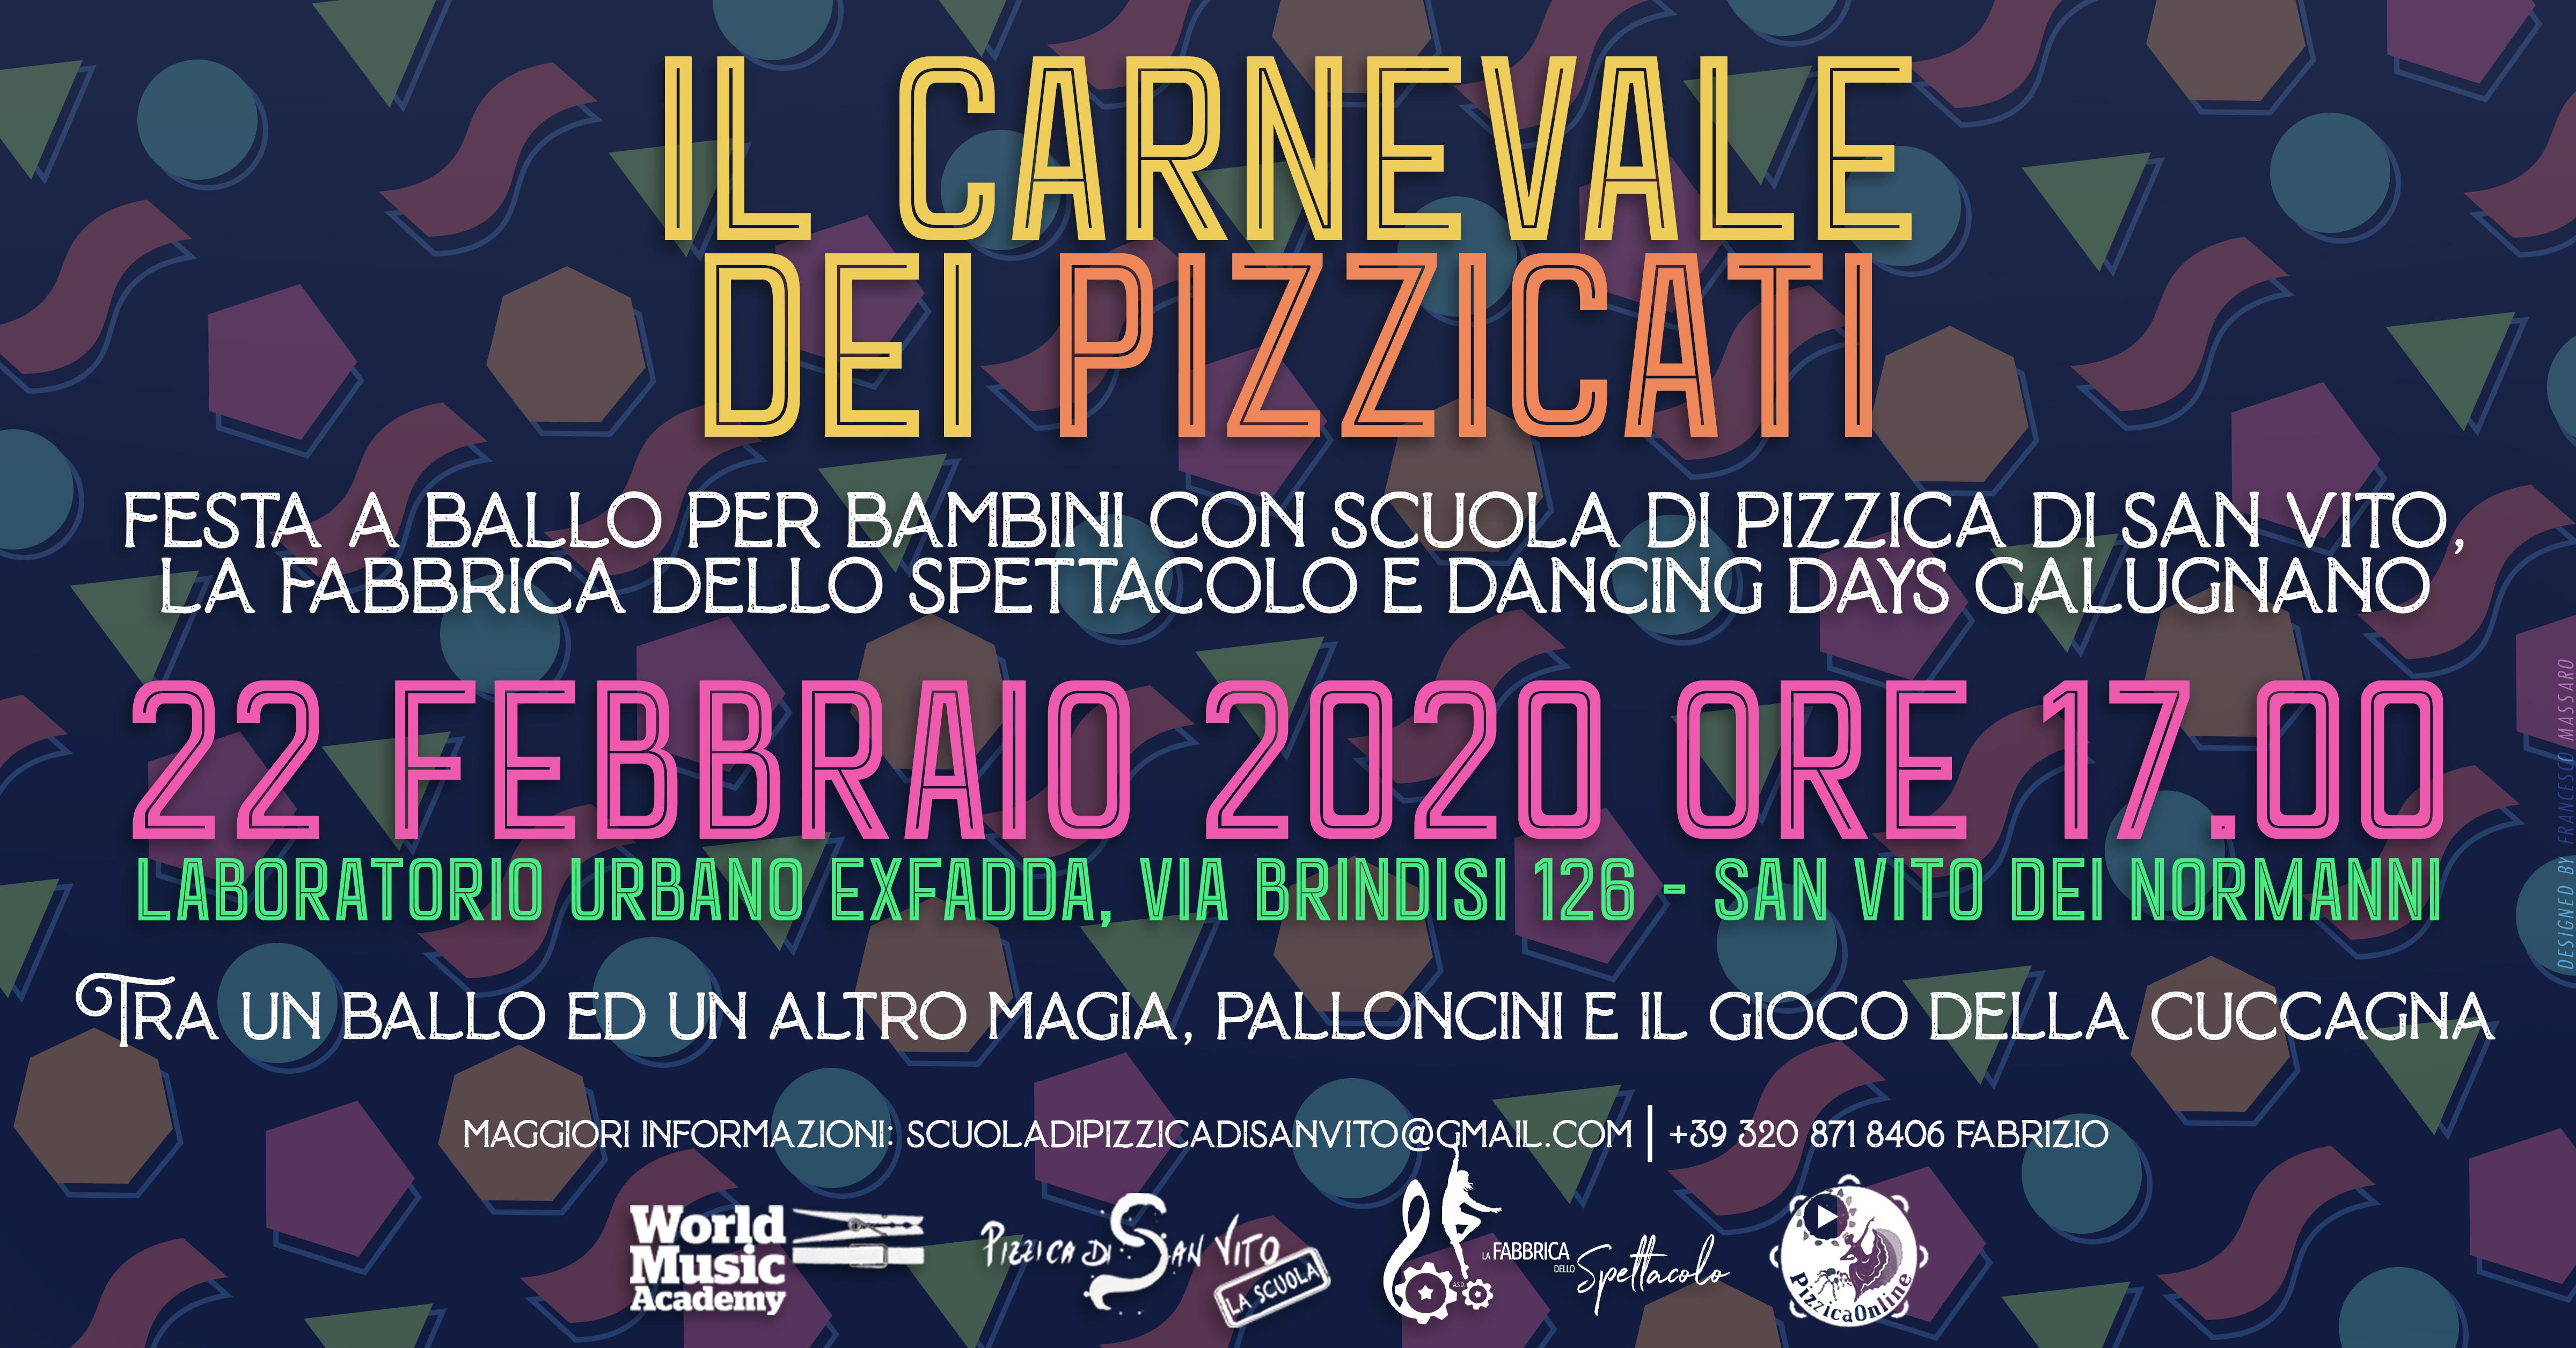 Il carnevale dei pizzicati, world music, scuola di pizzica, bambini, scuola di pizzica di san vito, pizzica pizzica